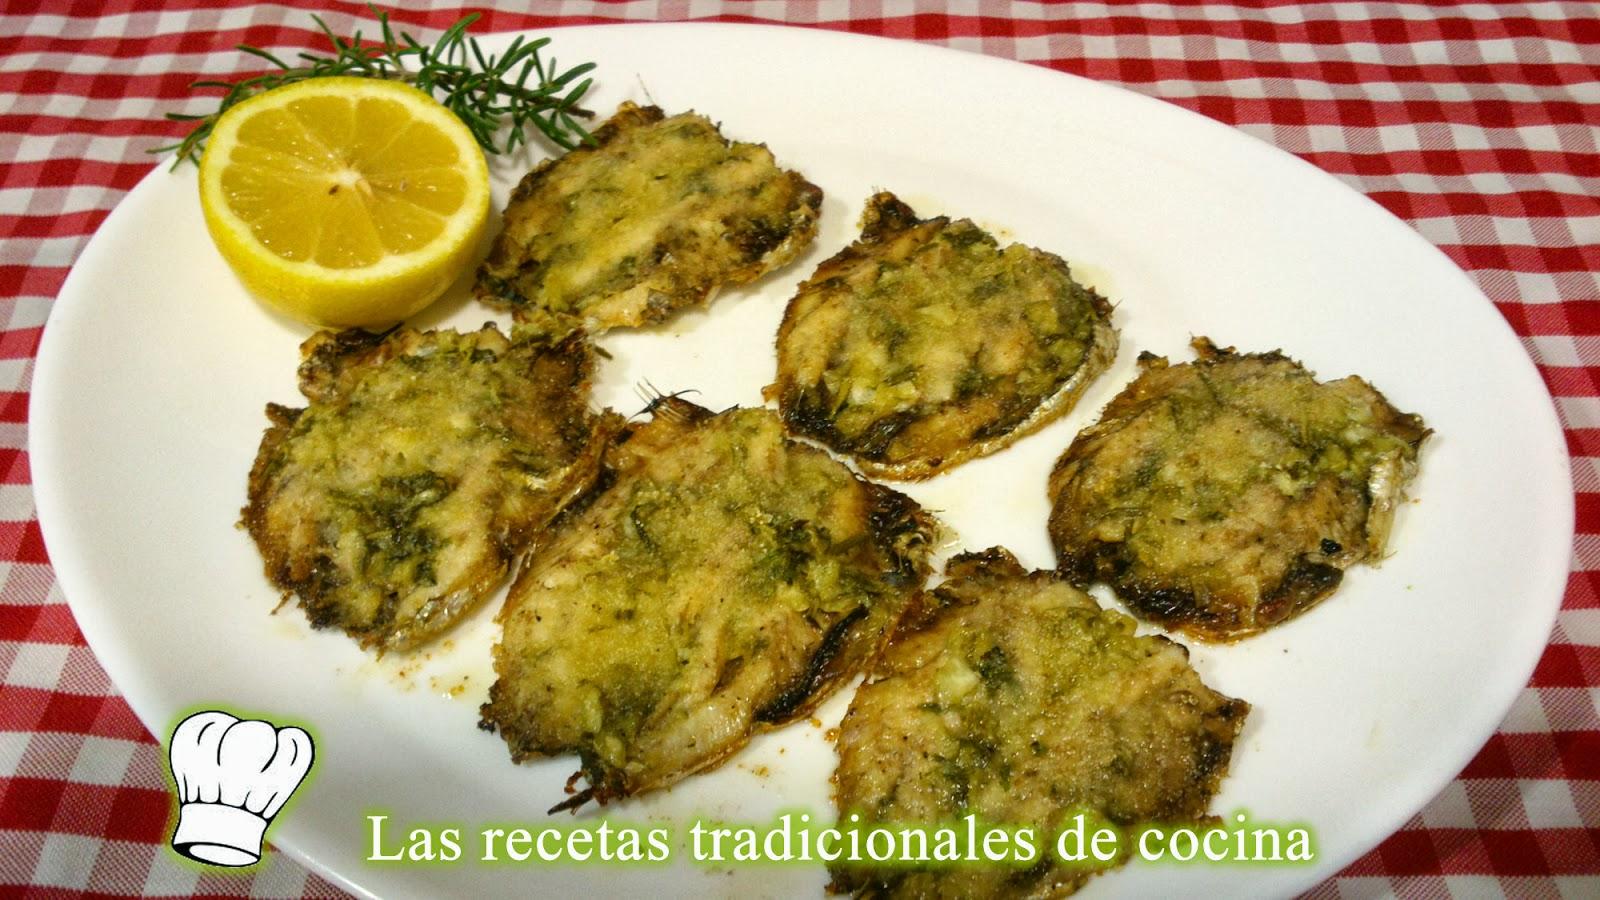 Receta de sardinas al horno recetas de cocina con sabor - Receta bogavante al horno ...